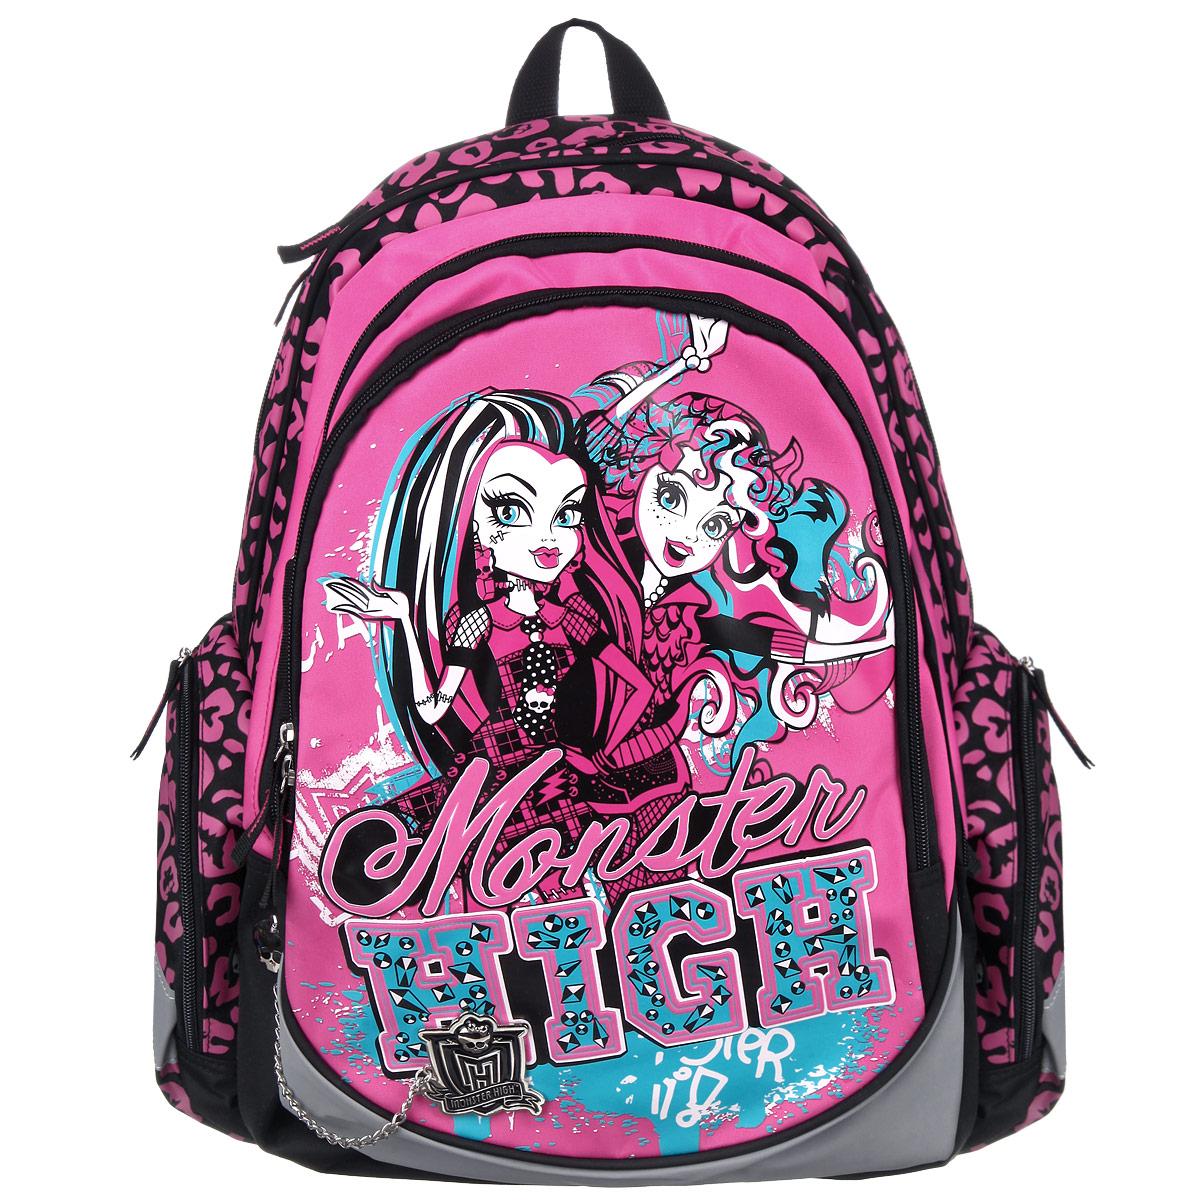 Рюкзак школьный Monster High, цвет: розовый, черный, серый. MHBB-RT2-97672523WDШкольный рюкзак Monster High обязательно понравится вашей школьнице. Выполнен из современных водонепроницаемых, износостойких материалов и дополнен брендовым брелоком.Содержит два вместительных отделения, закрывающиеся на застежки-молнии. В большом отделении находится мягкий карман с хлястиком на липучке для различных гаджетов. Лицевая сторона оснащена накладным карманом на молнии, внутри которого имеются три открытых кармашка, карман на молнии и два отделения для пишущих принадлежностей. По бокам расположены два накладных кармана: на застежке-молнии. Спинка рюкзака дополнена мягкими подушечками для комфортной посадки, а сетчатый материал обеспечивает естественную вентиляцию и впитывание влаги, поэтому ребенку никогда не будет жарко. Лямки регулируются по длине, поэтому ранец легко видоизменяется вместе с ростом ребенка. Рюкзак оснащен текстильной ручкой для удобной переноски в руке. Светоотражающие элементы обеспечивают безопасность в темное время суток.Многофункциональный школьный рюкзак станет незаменимым спутником вашего ребенка в походах за знаниями.Рекомендуемый возраст: от 10 лет.